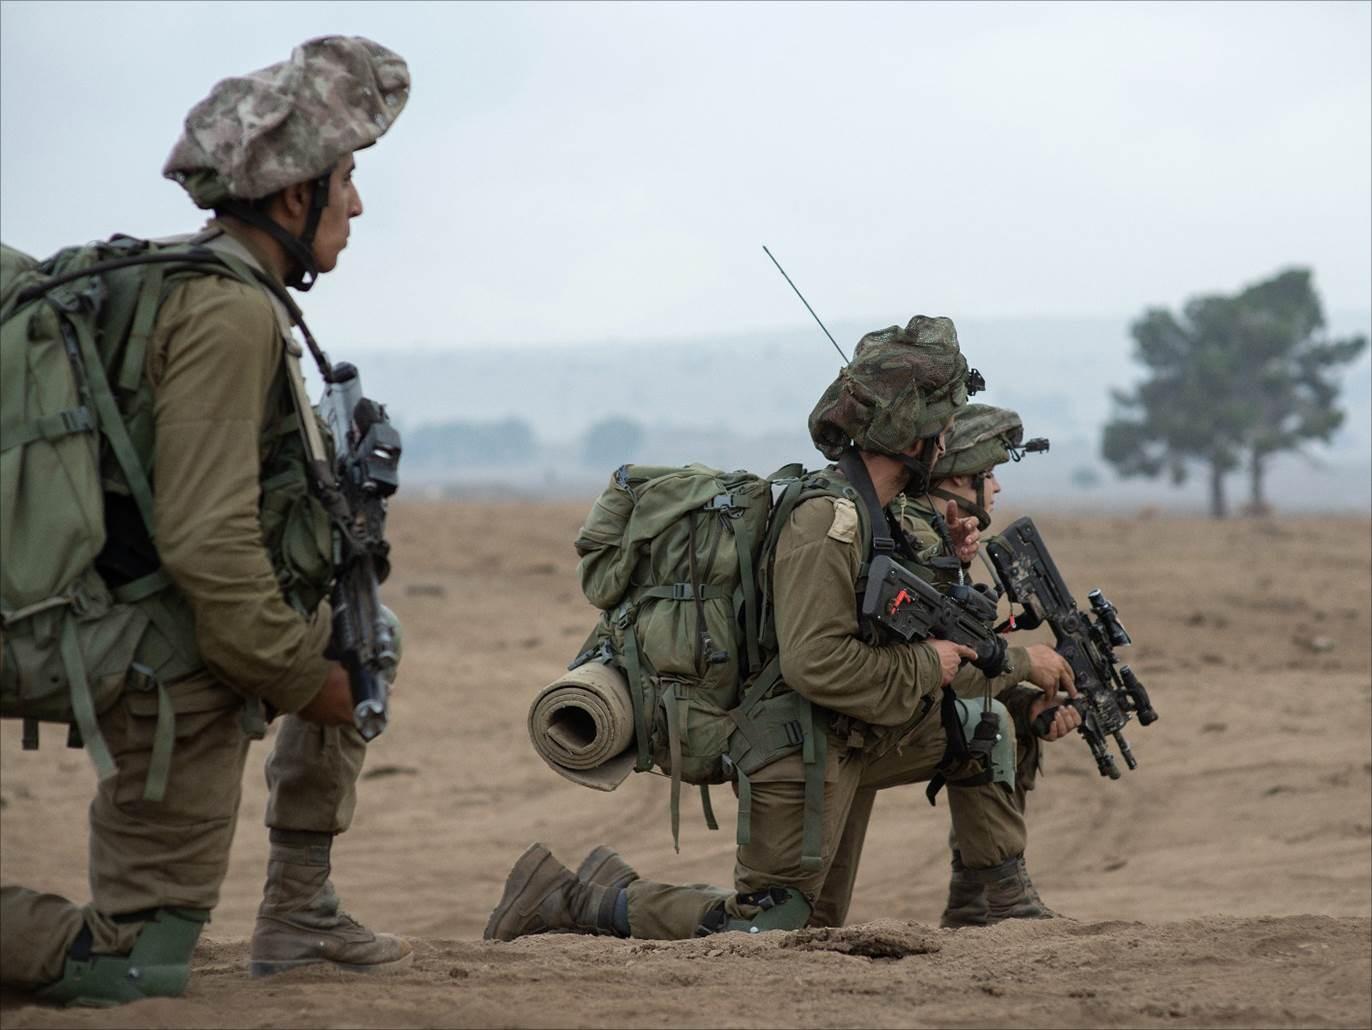 الاحتلال الإسرائيلي يقصف نقاط رصد للمقاومة في غزة